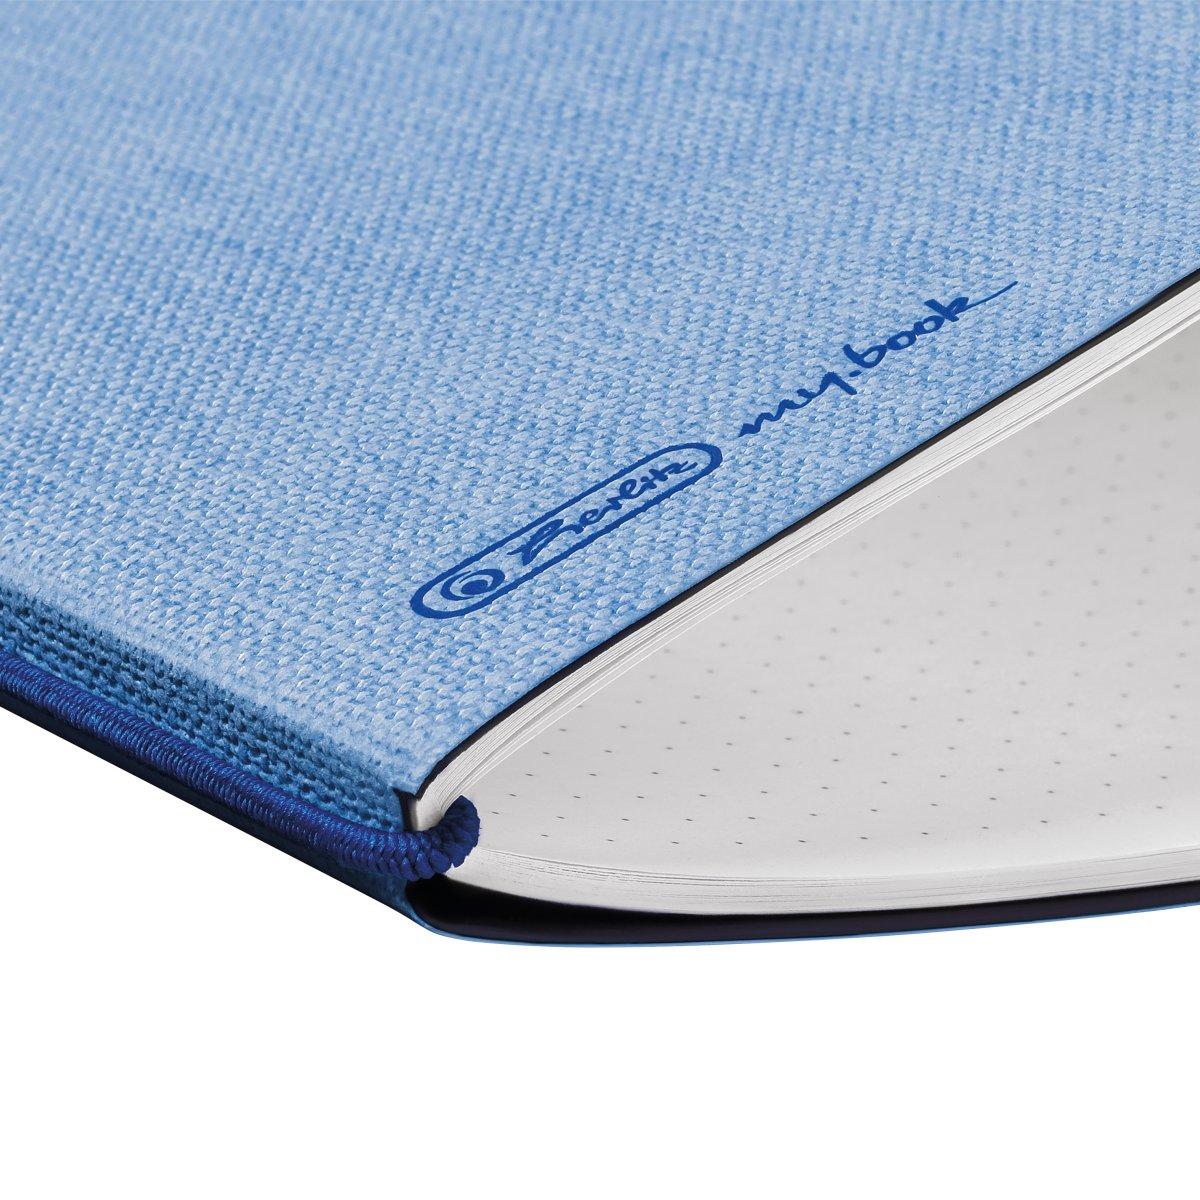 Herlitz 50033713 - Einfarbig - Blau - A5 - 40 Blätter - Erwachsener